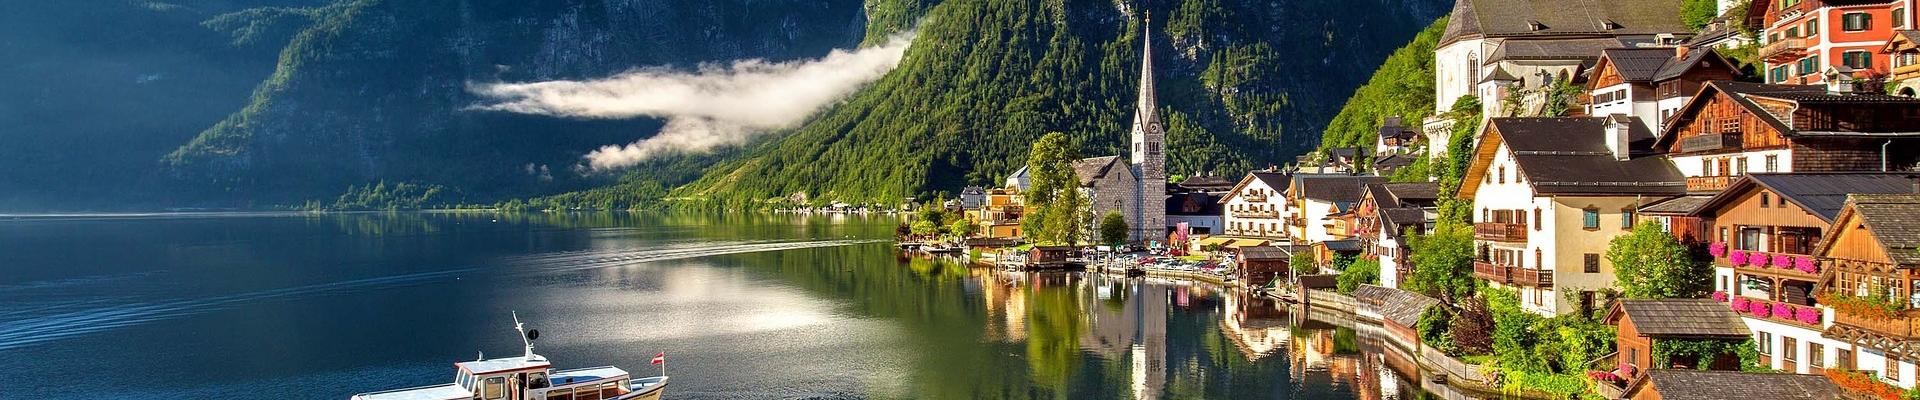 gemeinschaftlich Wohnen in Österreich